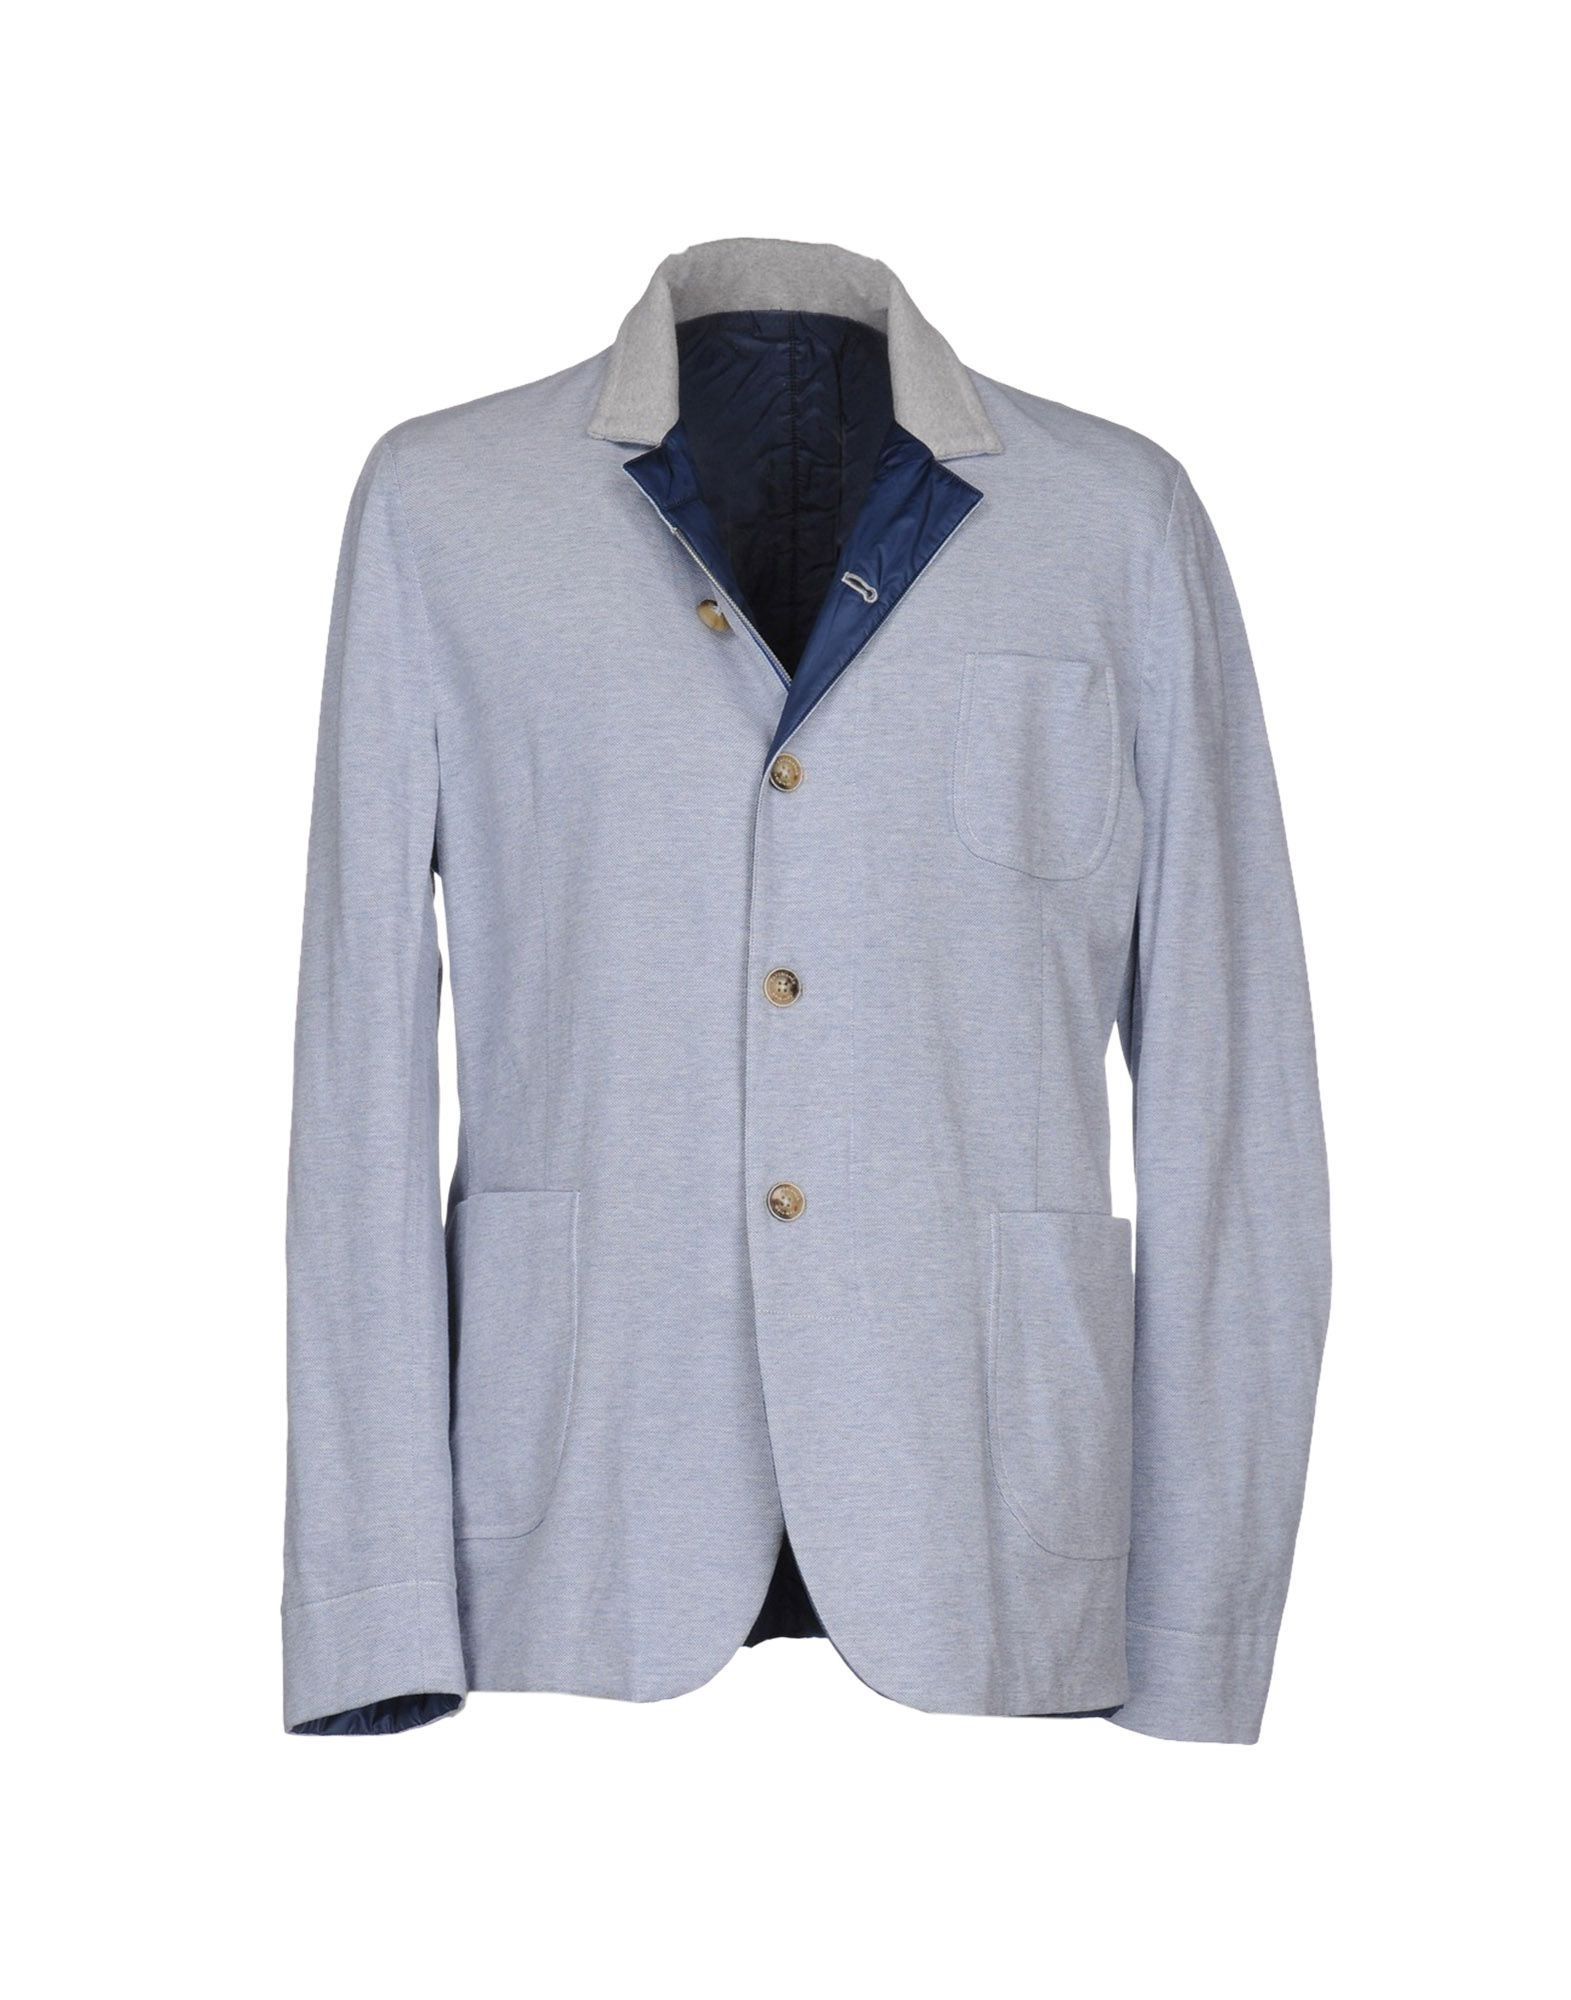 CAPOBIANCO Herren Jackett Farbe Blau Größe 6